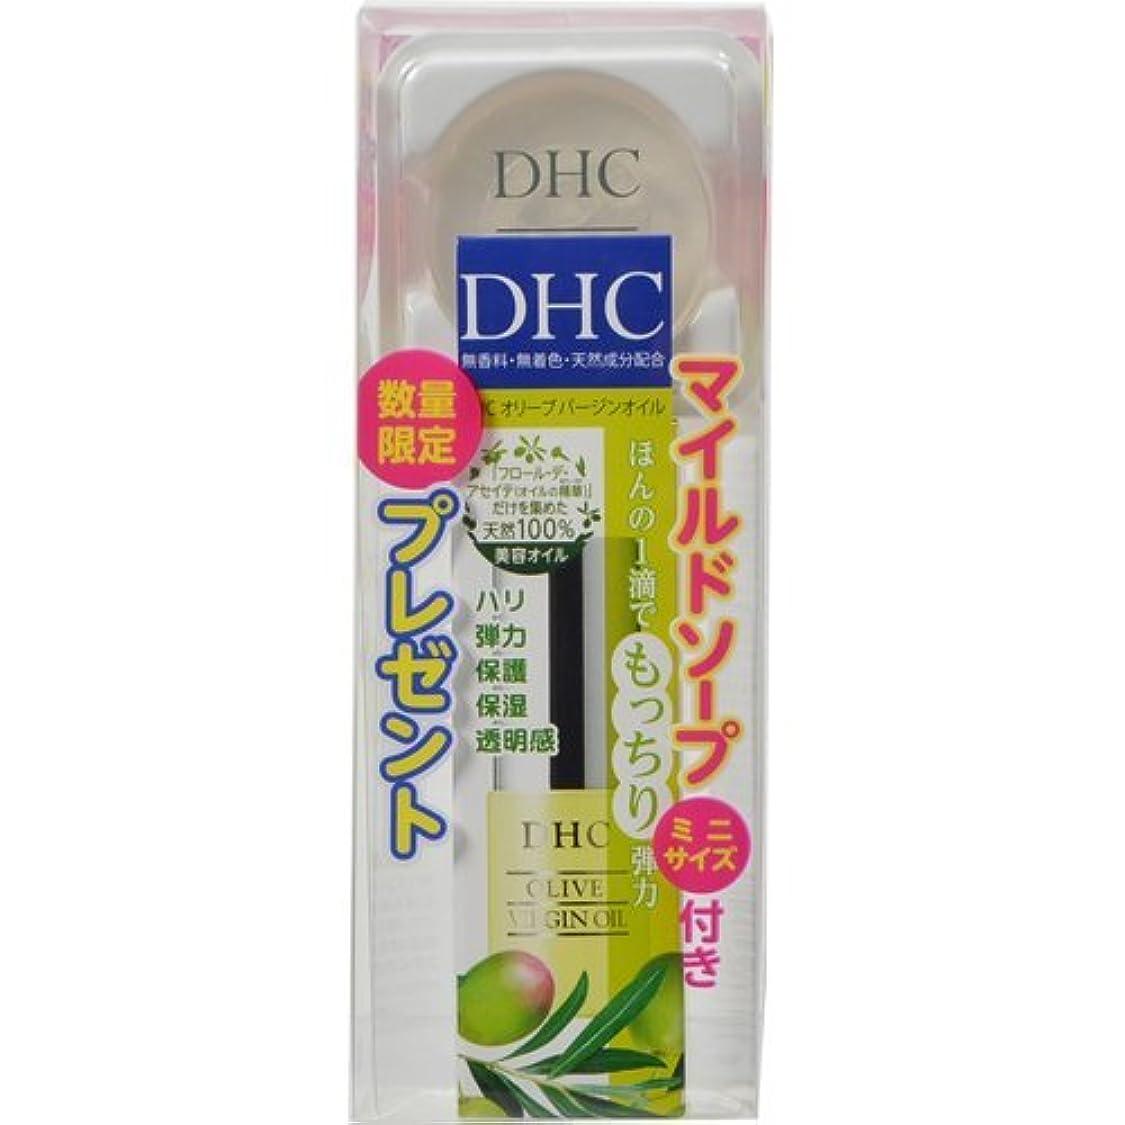 ブラシ無人助けて【数量限定】DHC オリーブバージンオイル SS マイルドソープミニサイズ付き 7ml+マイルドソープ10g